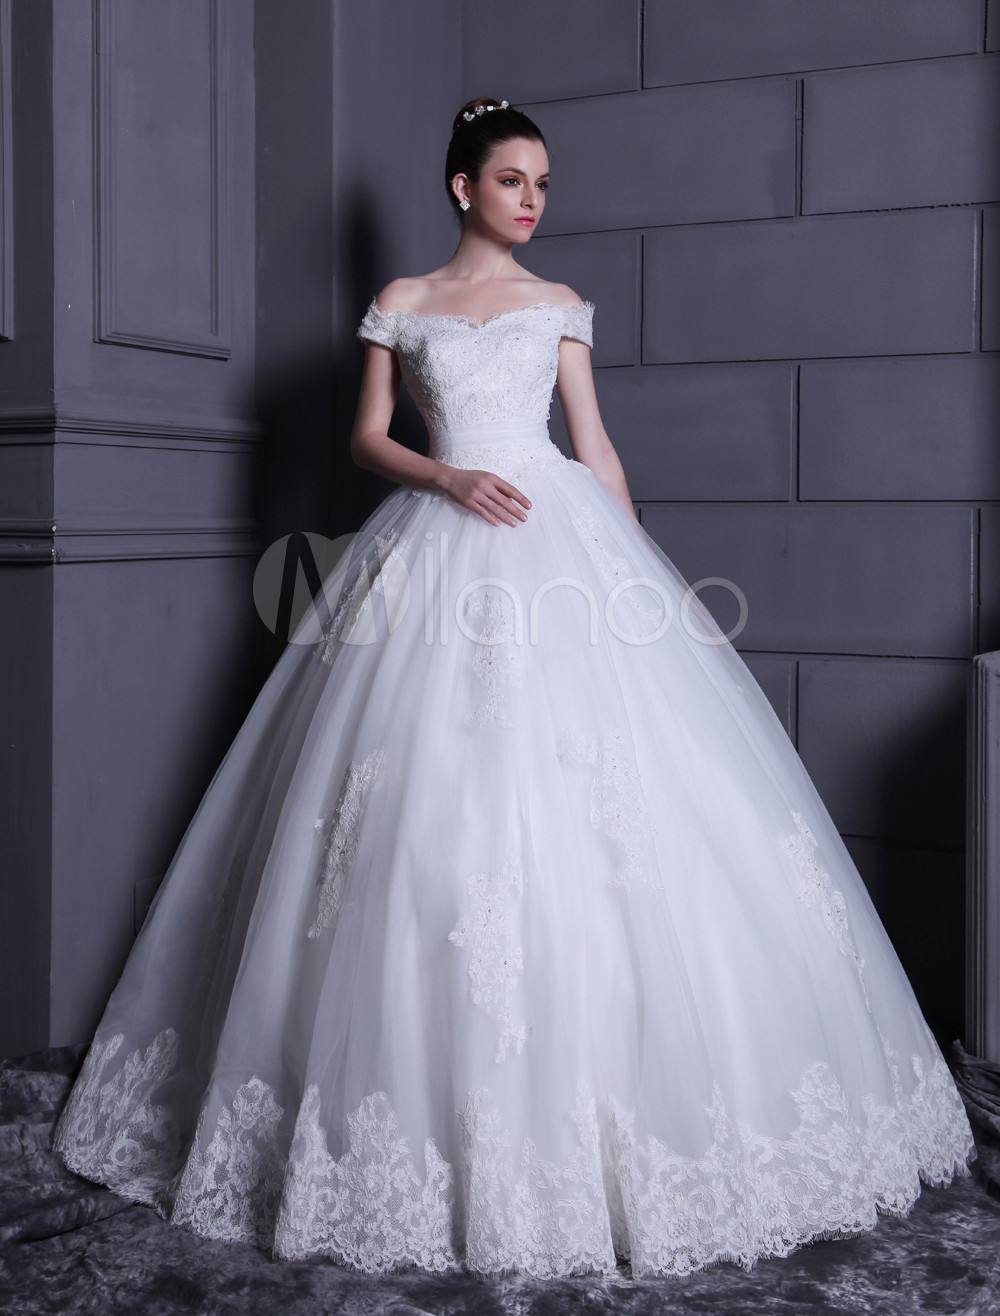 Robe de mariee boule blanche